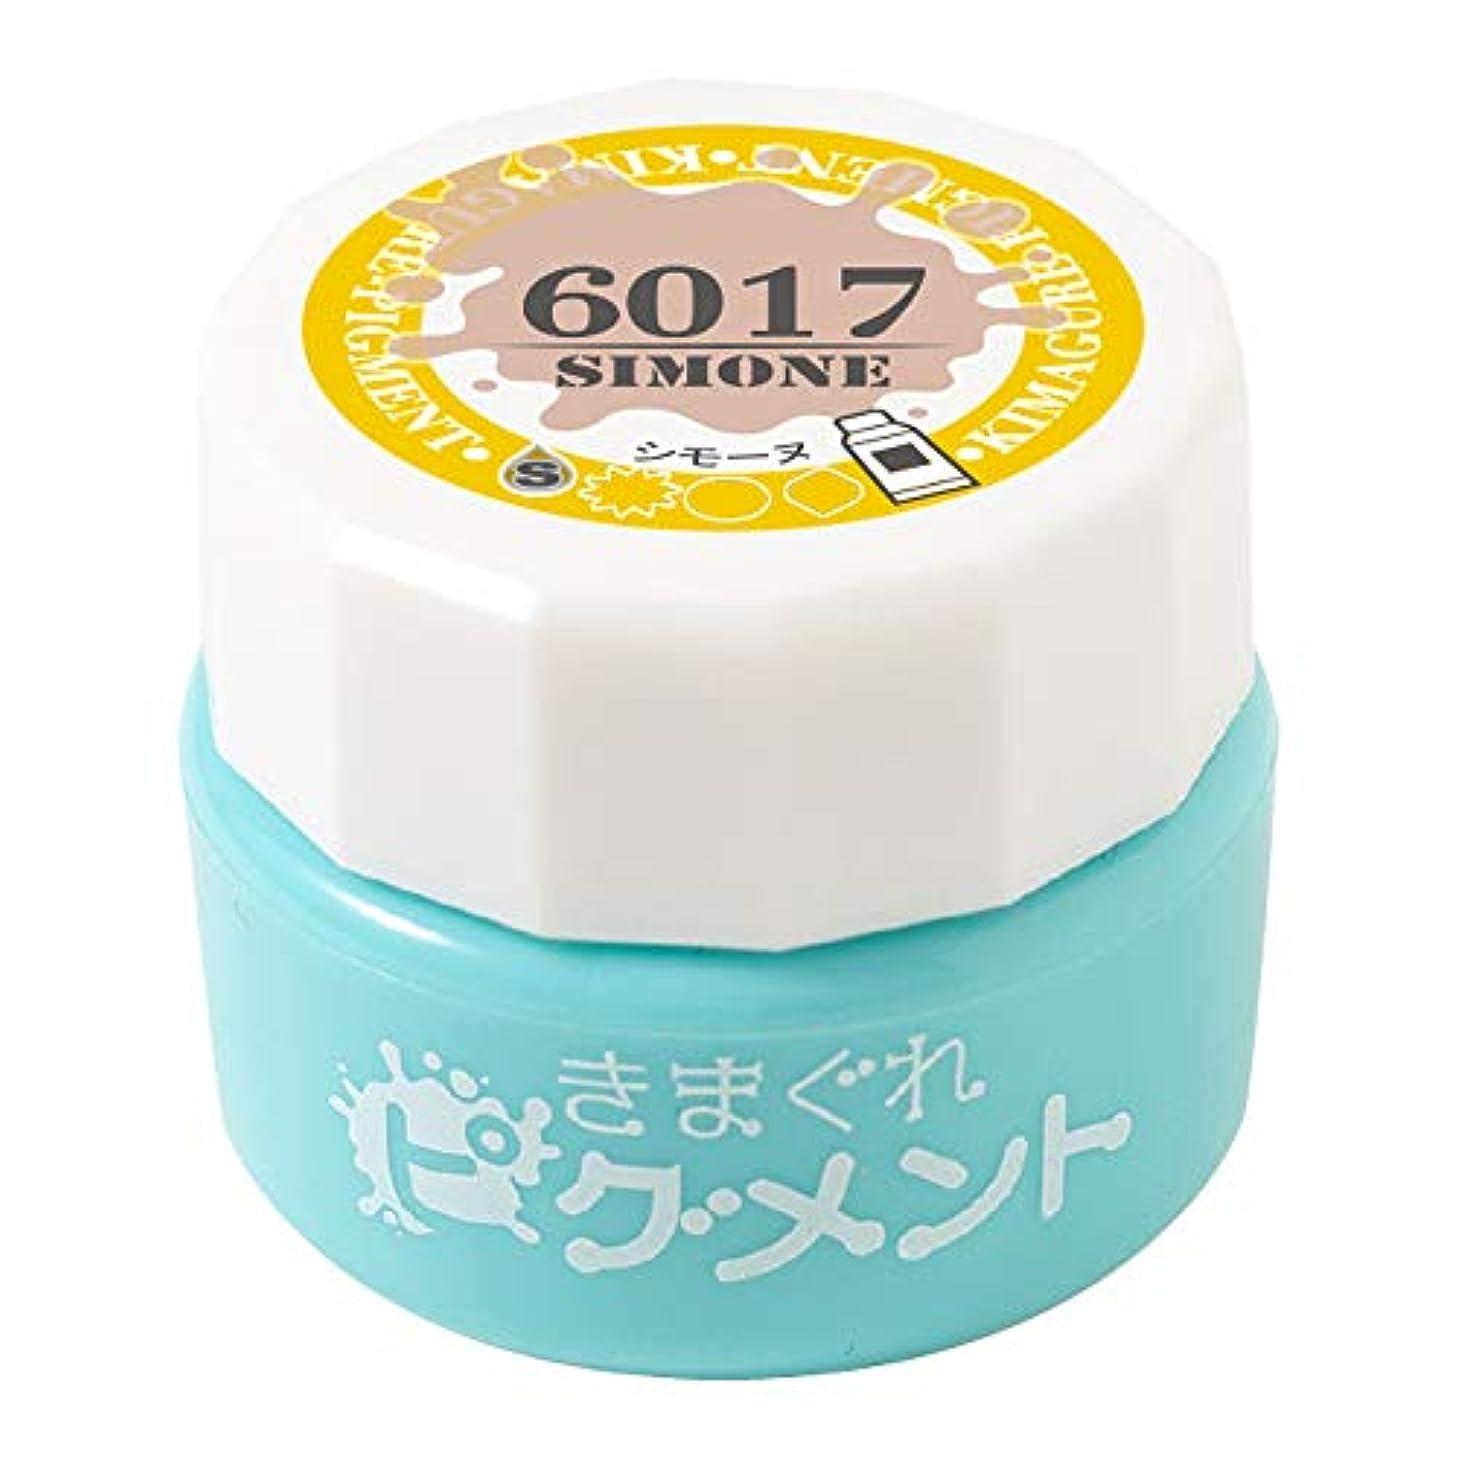 Bettygel きまぐれピグメント シモーヌ QYJ-6017 4g UV/LED対応